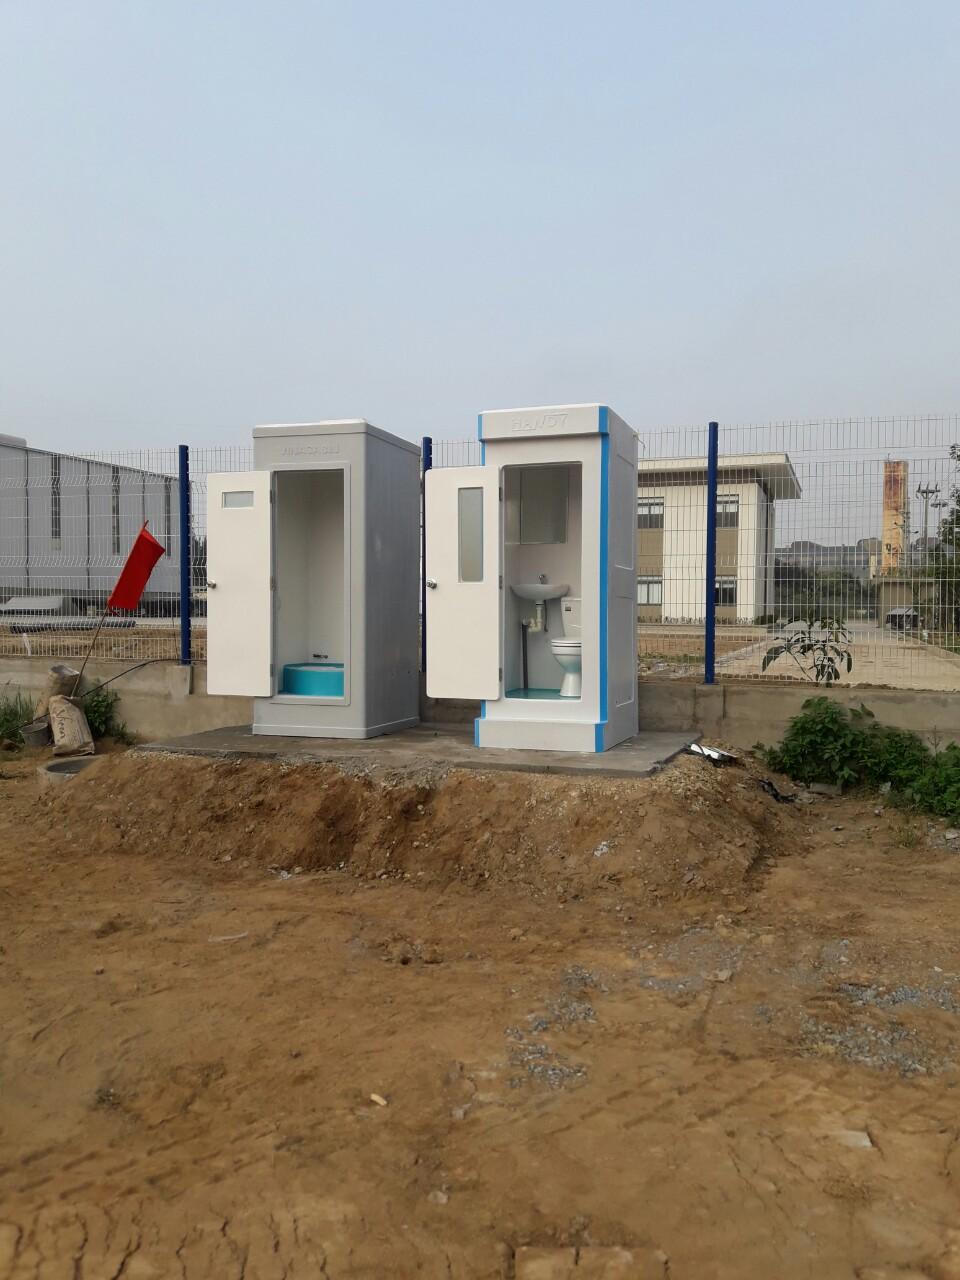 Nhà vệ sinh di động VINACABIN V17.3 và HANDY H17.2